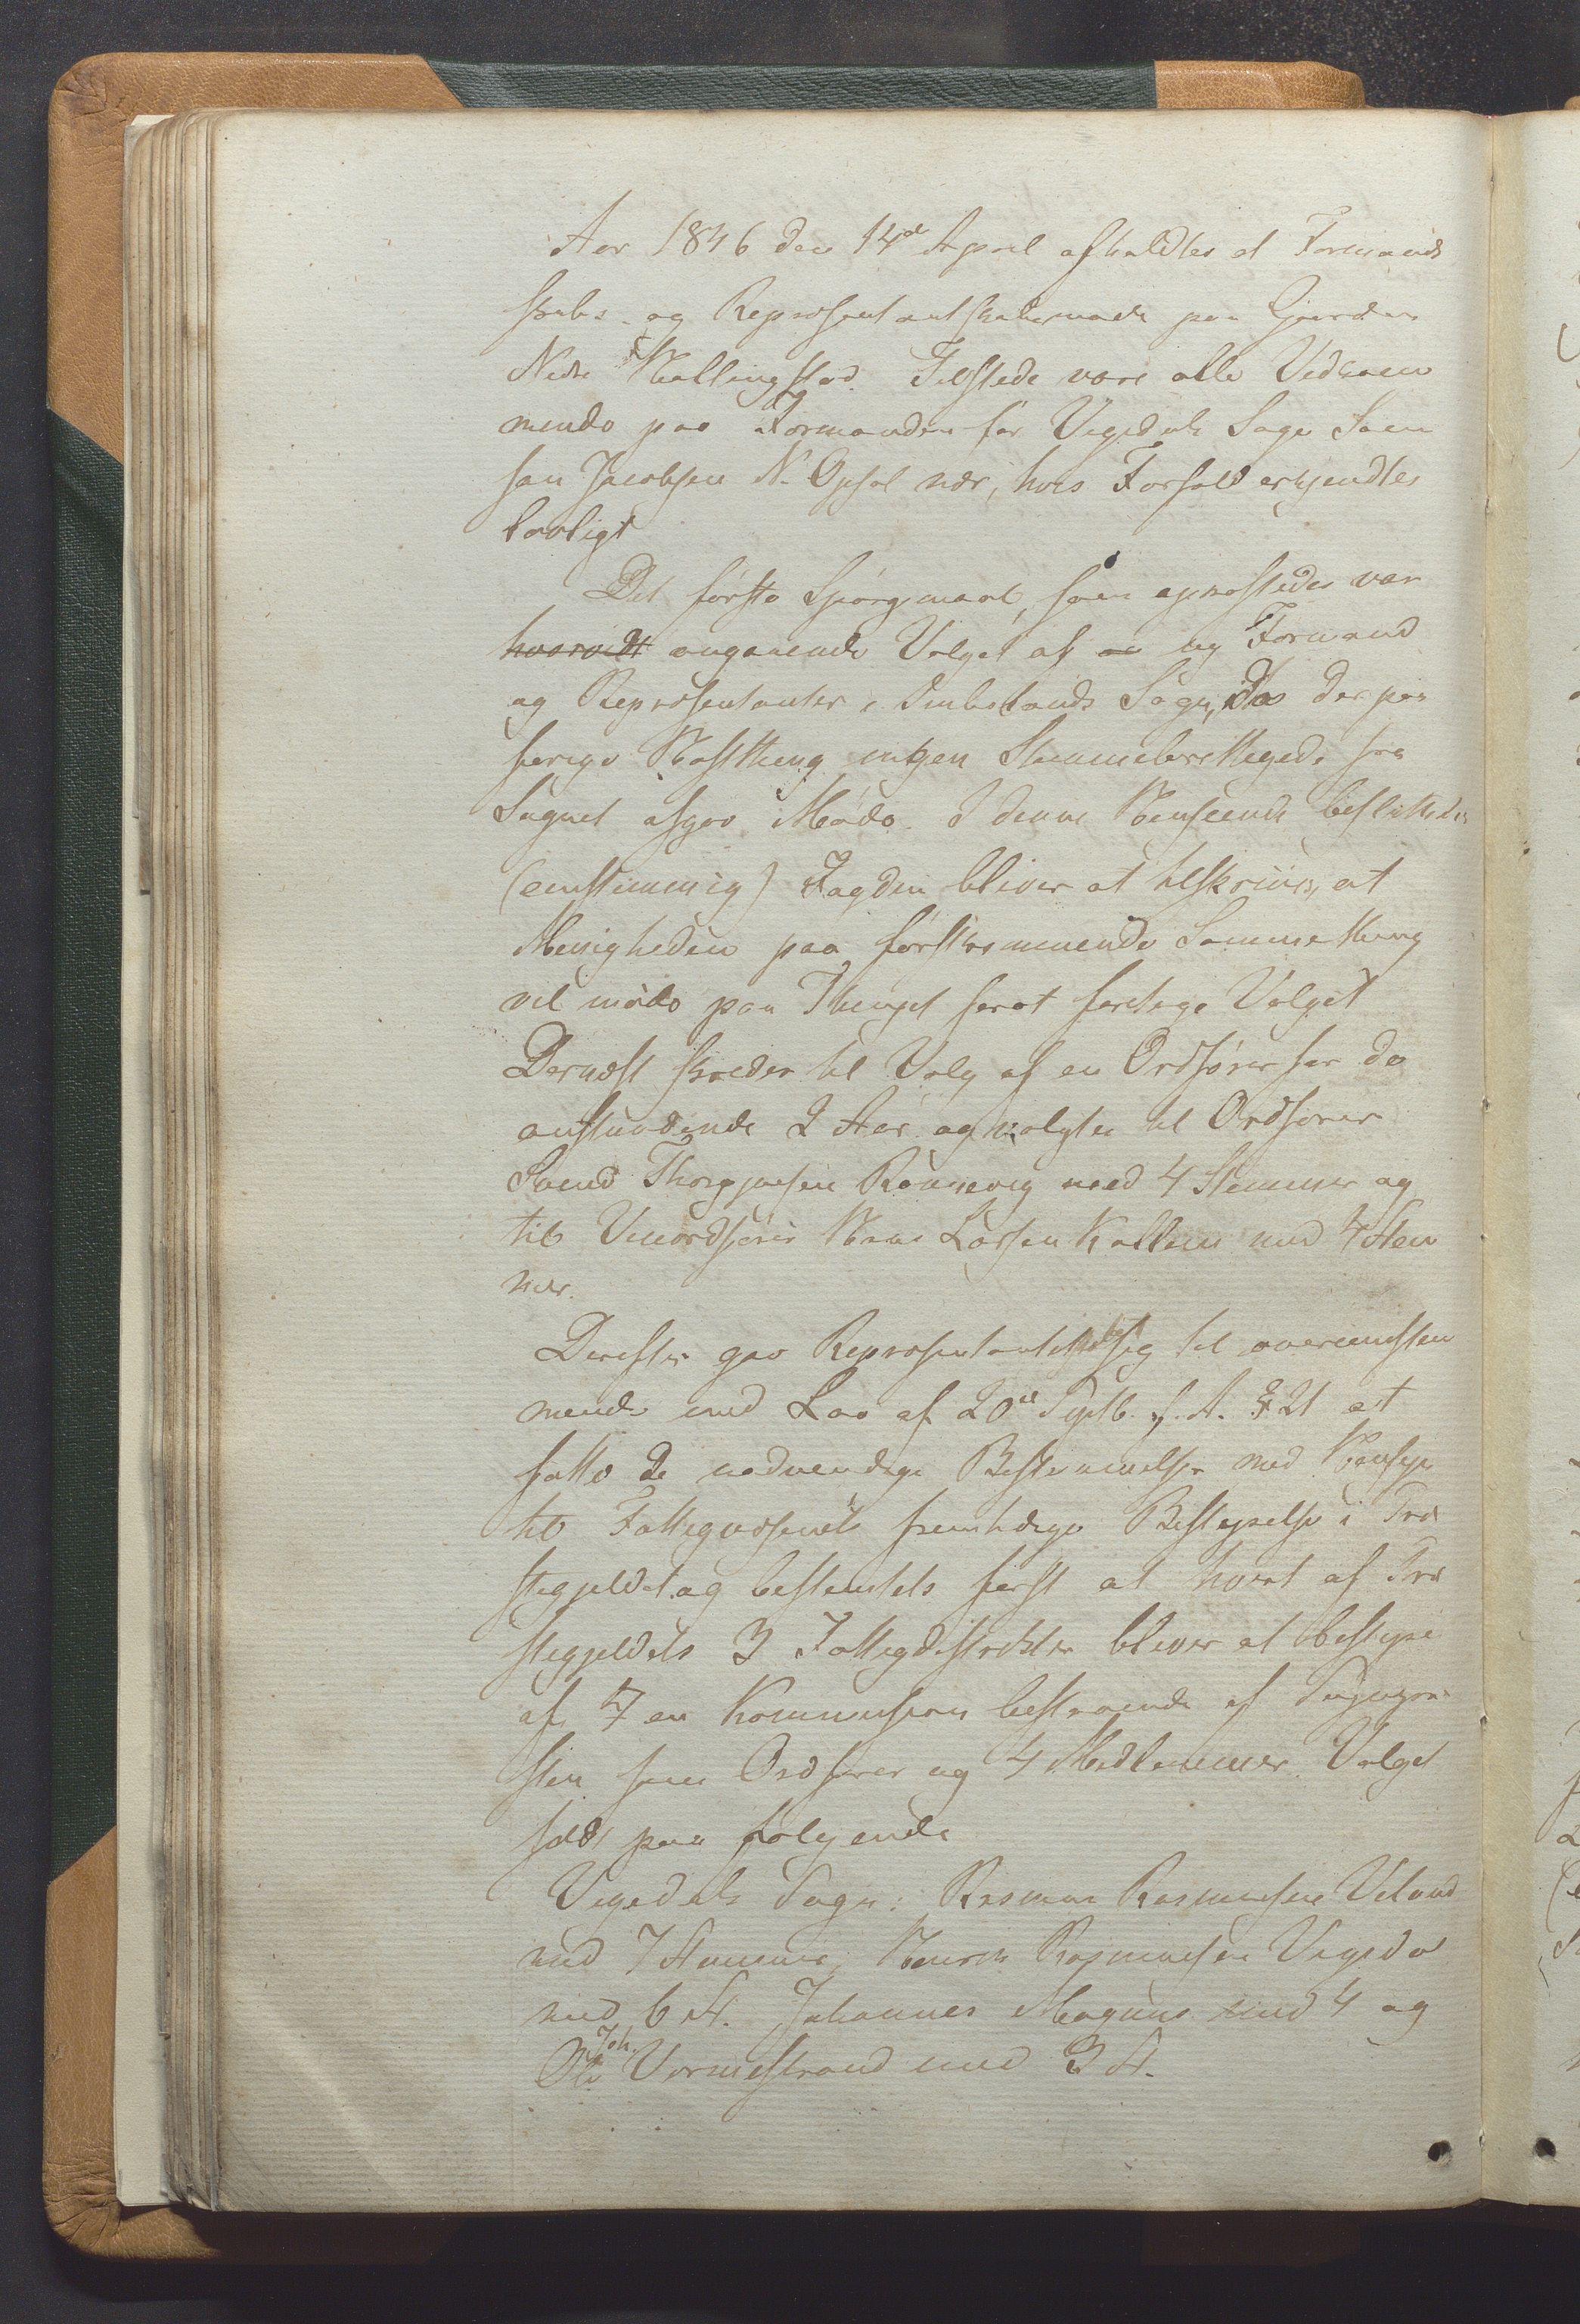 IKAR, Vikedal kommune - Formannskapet, Aaa/L0001: Møtebok, 1837-1874, s. 53b